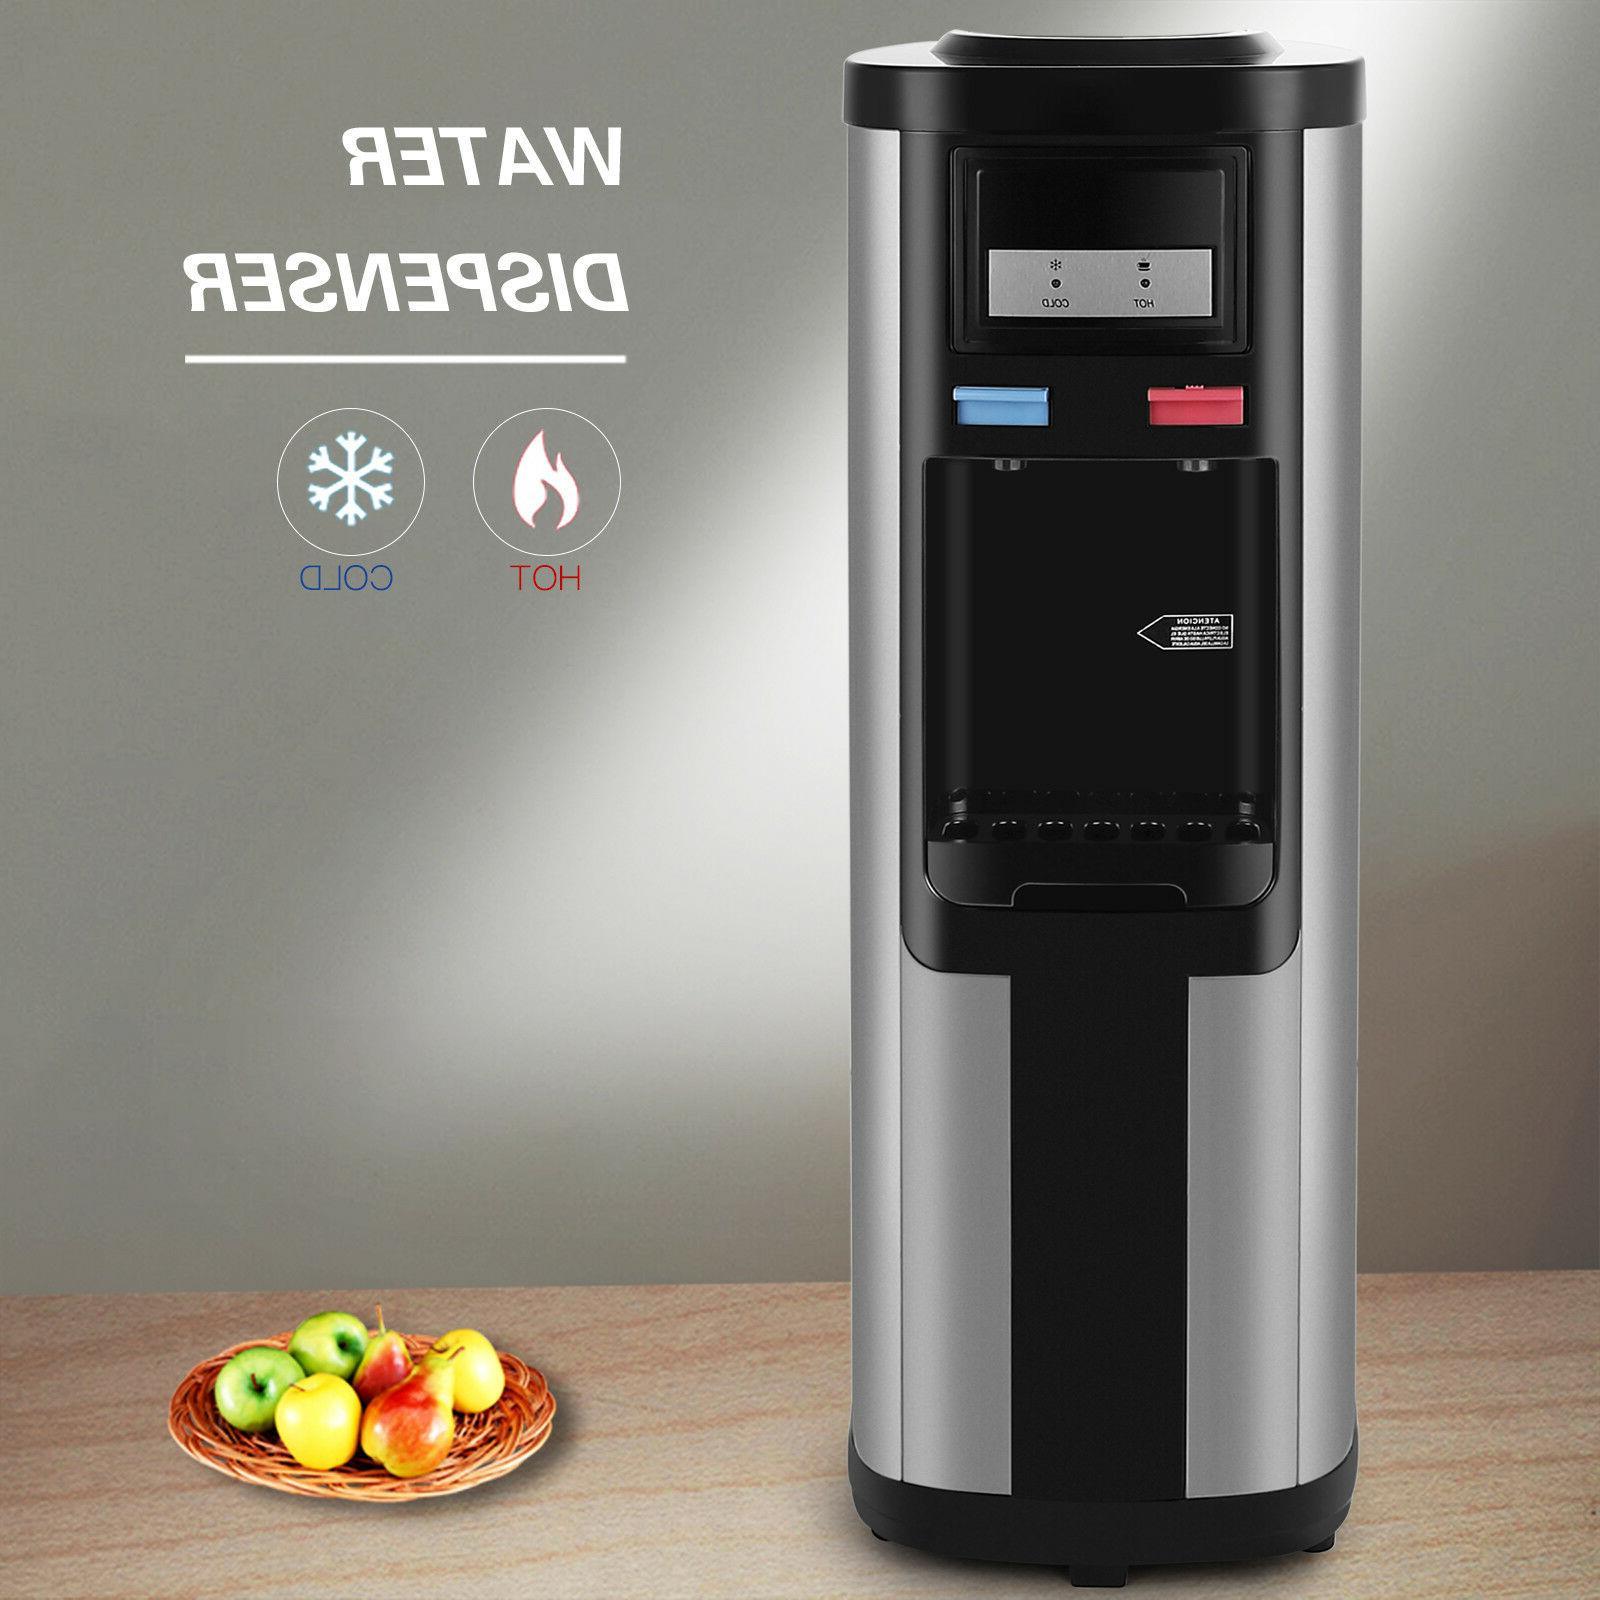 New Loading Cooler Dispenser Hot Safety